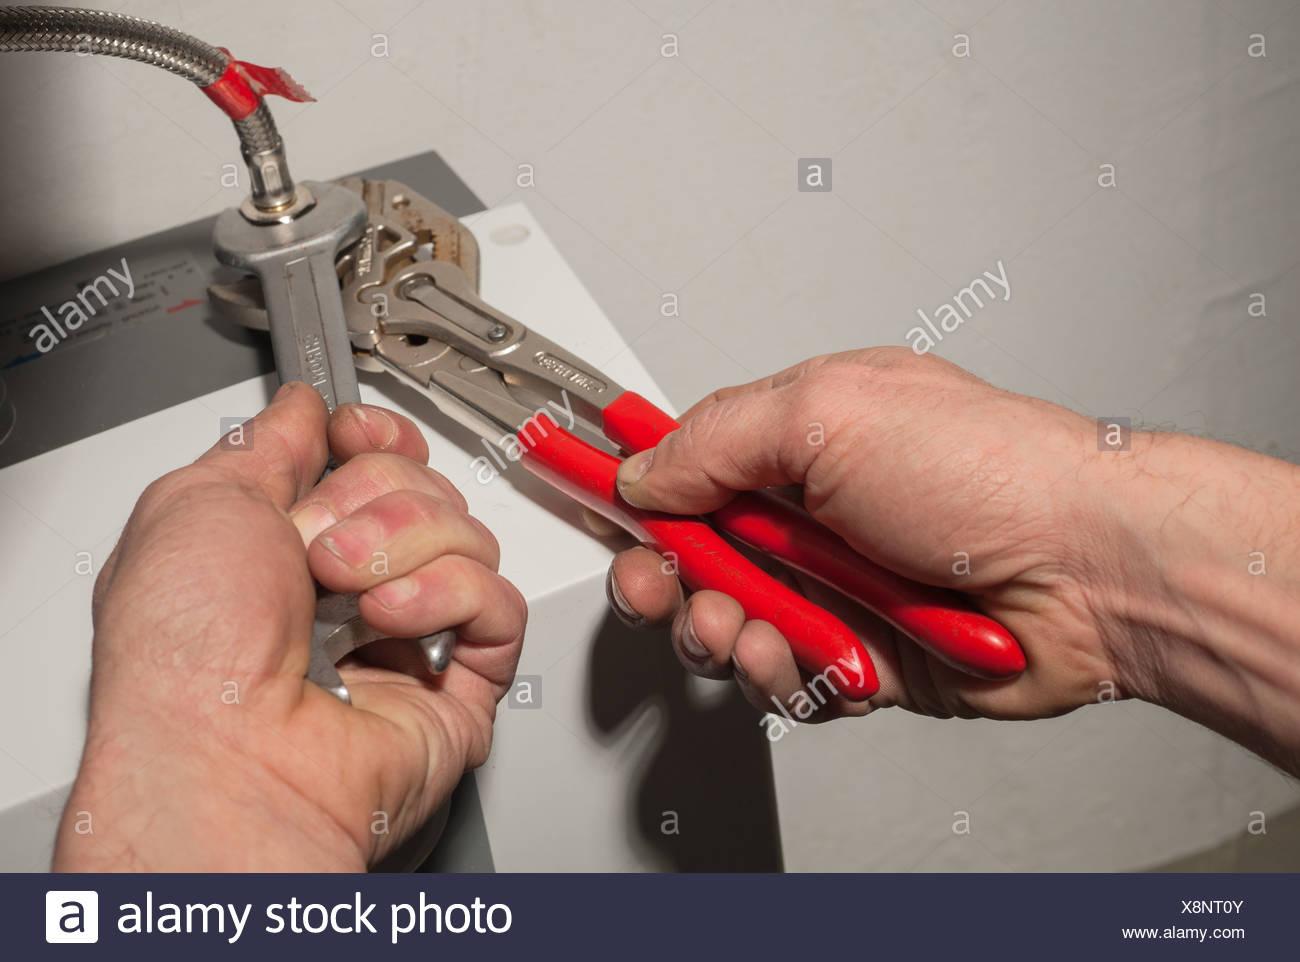 Handwerker Berlin berlin deutschland ein handwerker auf die lieferung eines